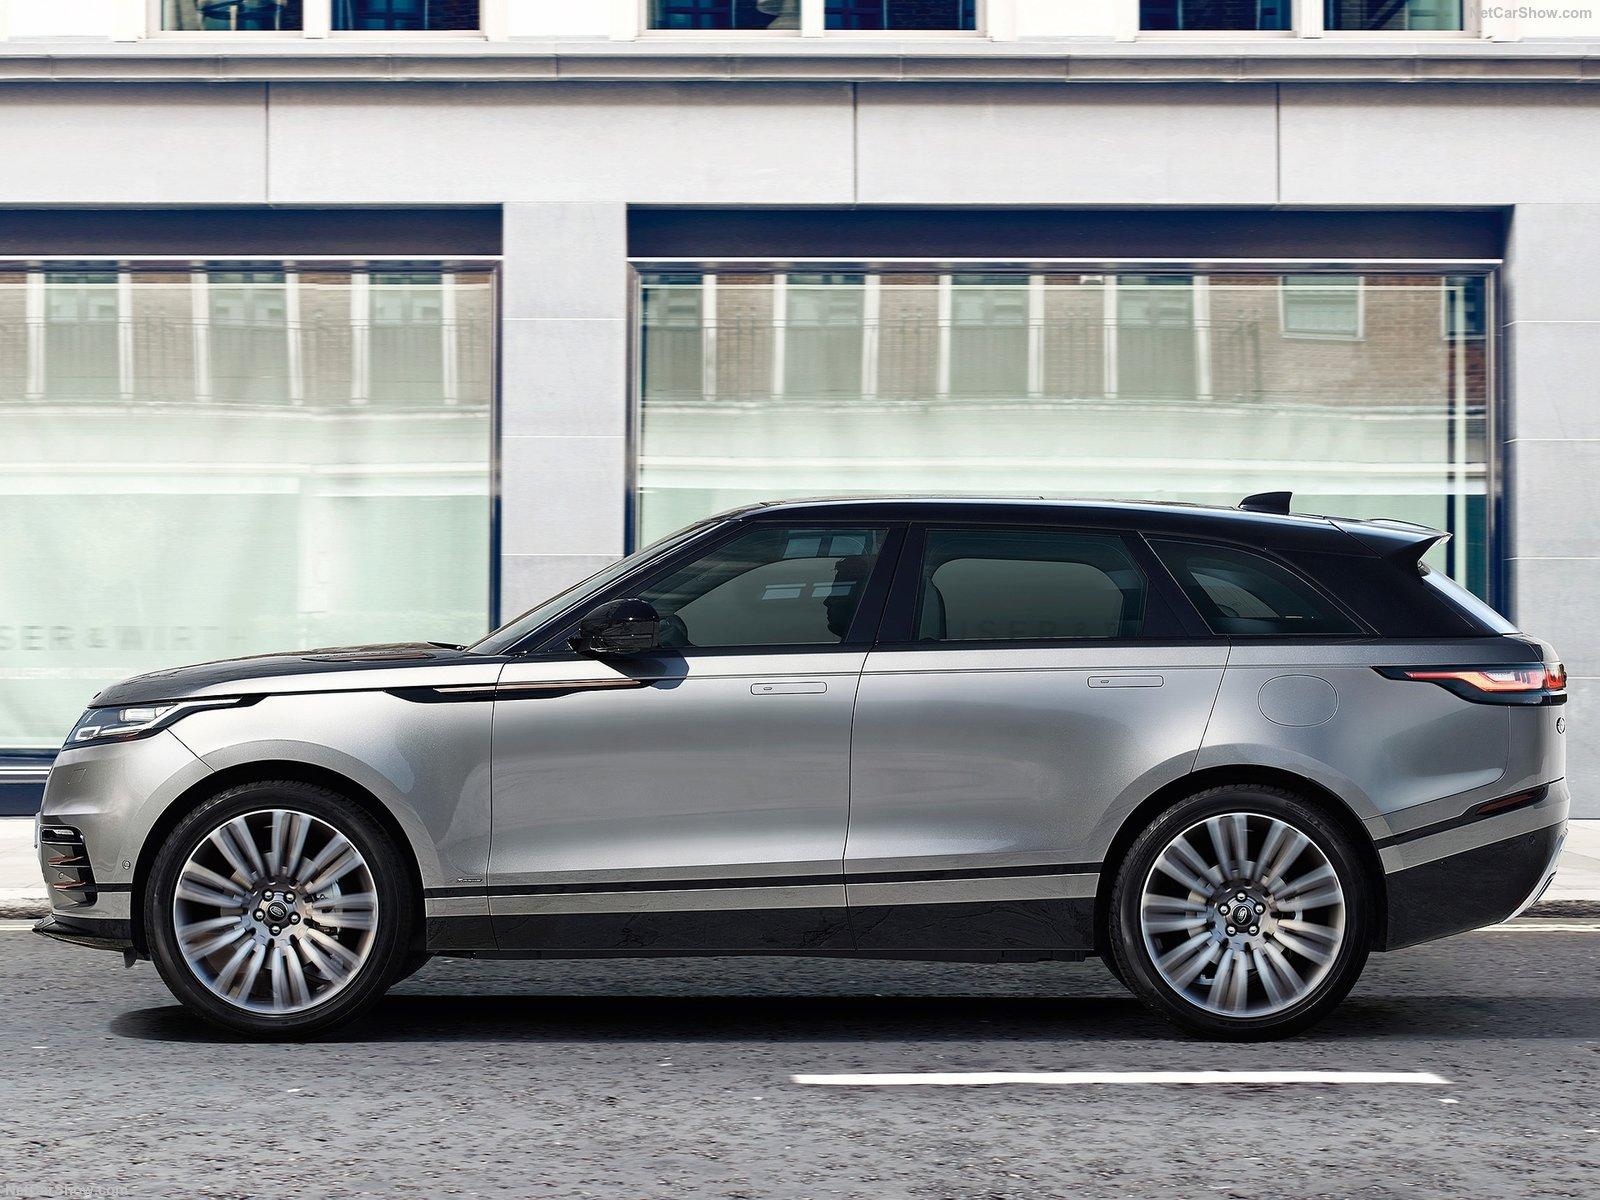 Land_Rover-Range_Rover_Velar-2018-1600-0a